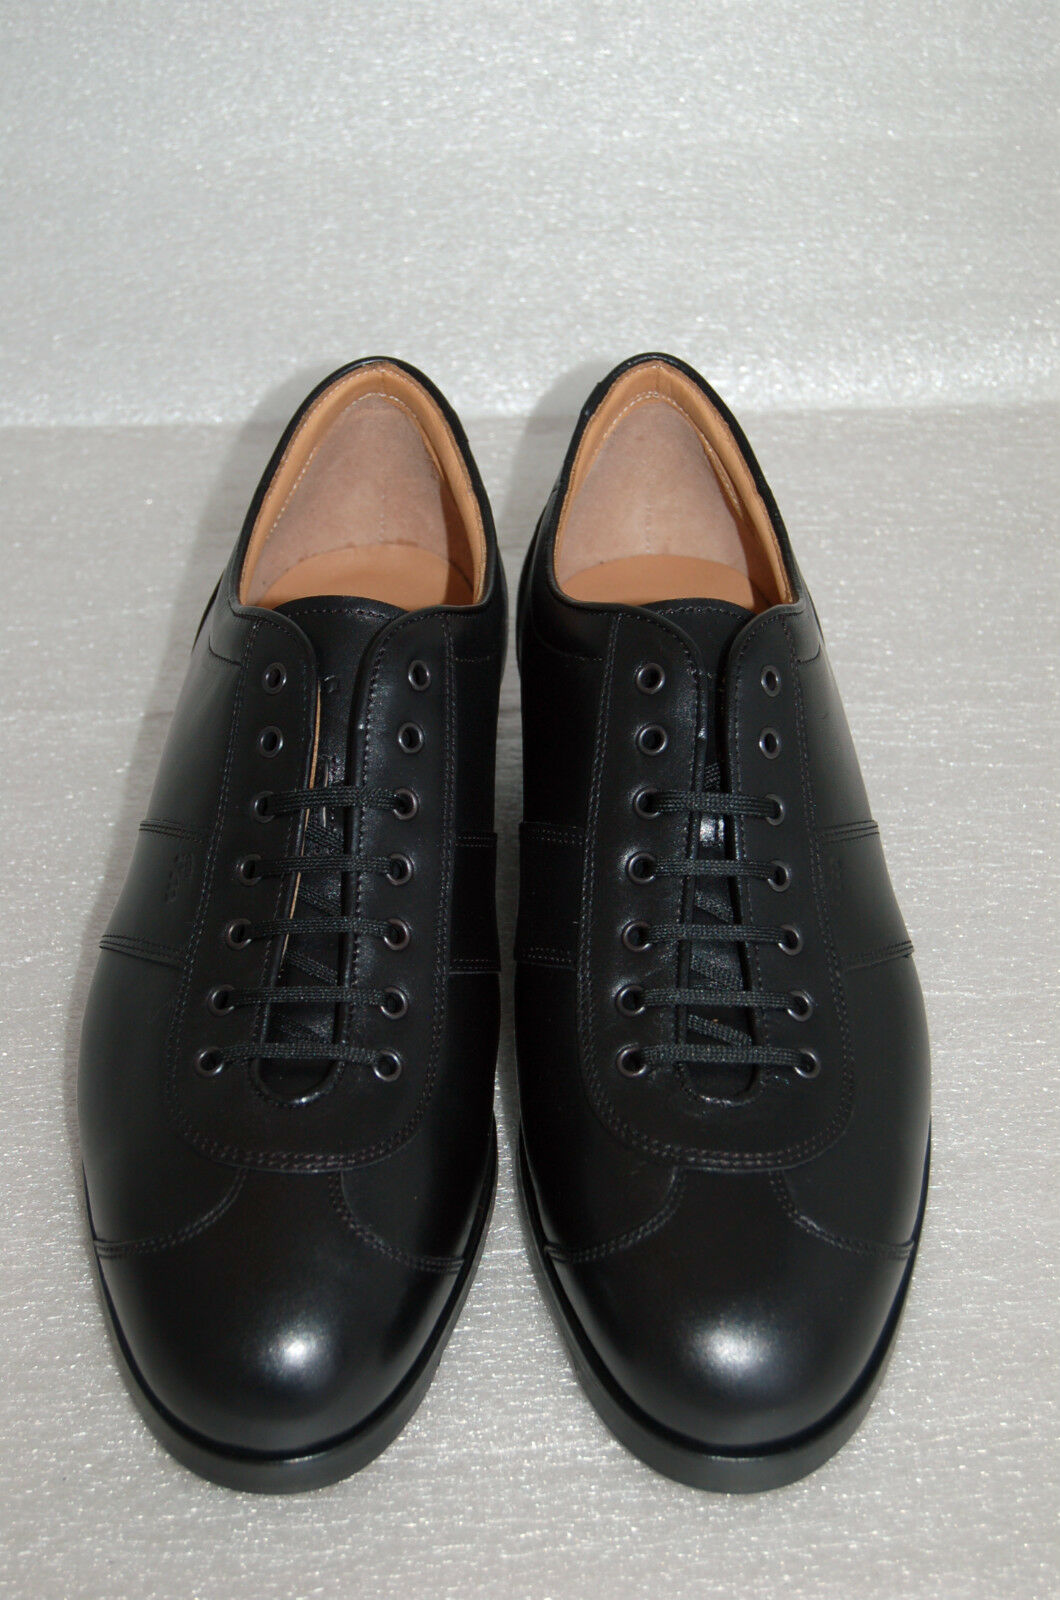 herren herren herren - MAN-CASUAL SNEACKER - 42½ - 8½ eu - VIT. schwarz-schwarz CALF - FONDO SIENA ee1c71